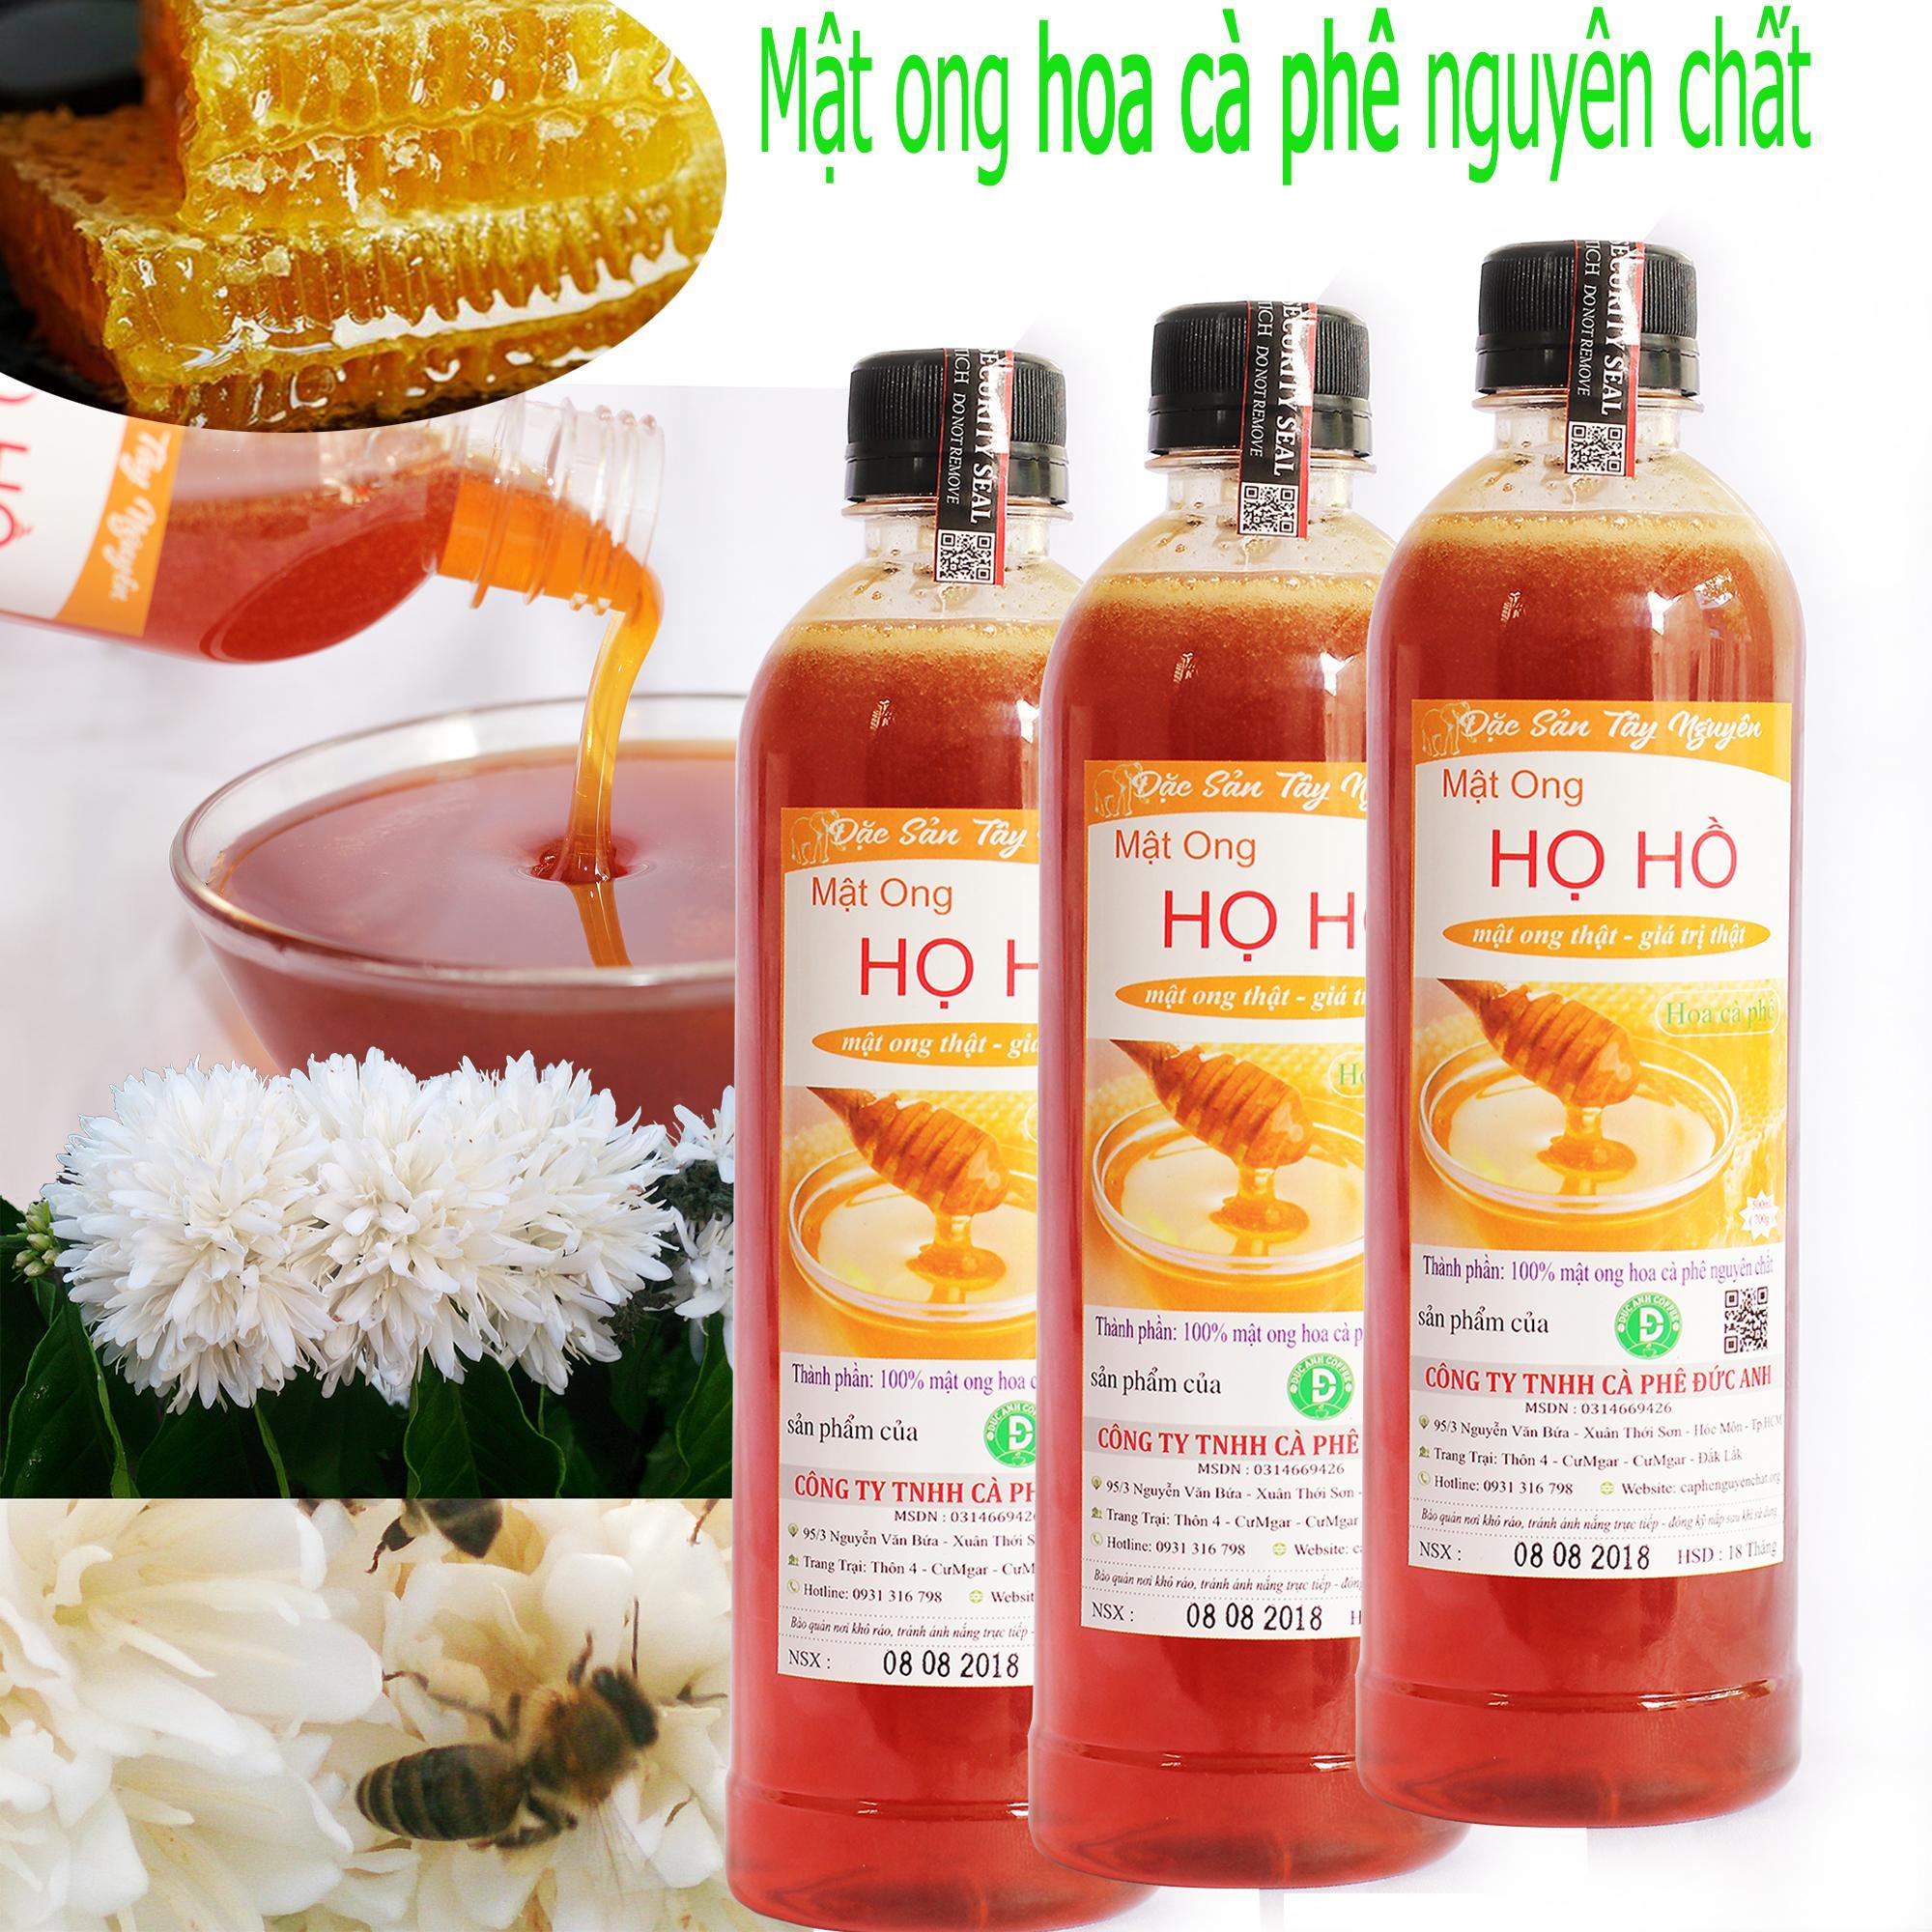 Hình ảnh COMBO 3 CHAI mật ong nguyên chất hoa cafe (mỗi chai 700gr tương đương 500ml) -công ty TNHH cà phê ĐỨC ANH